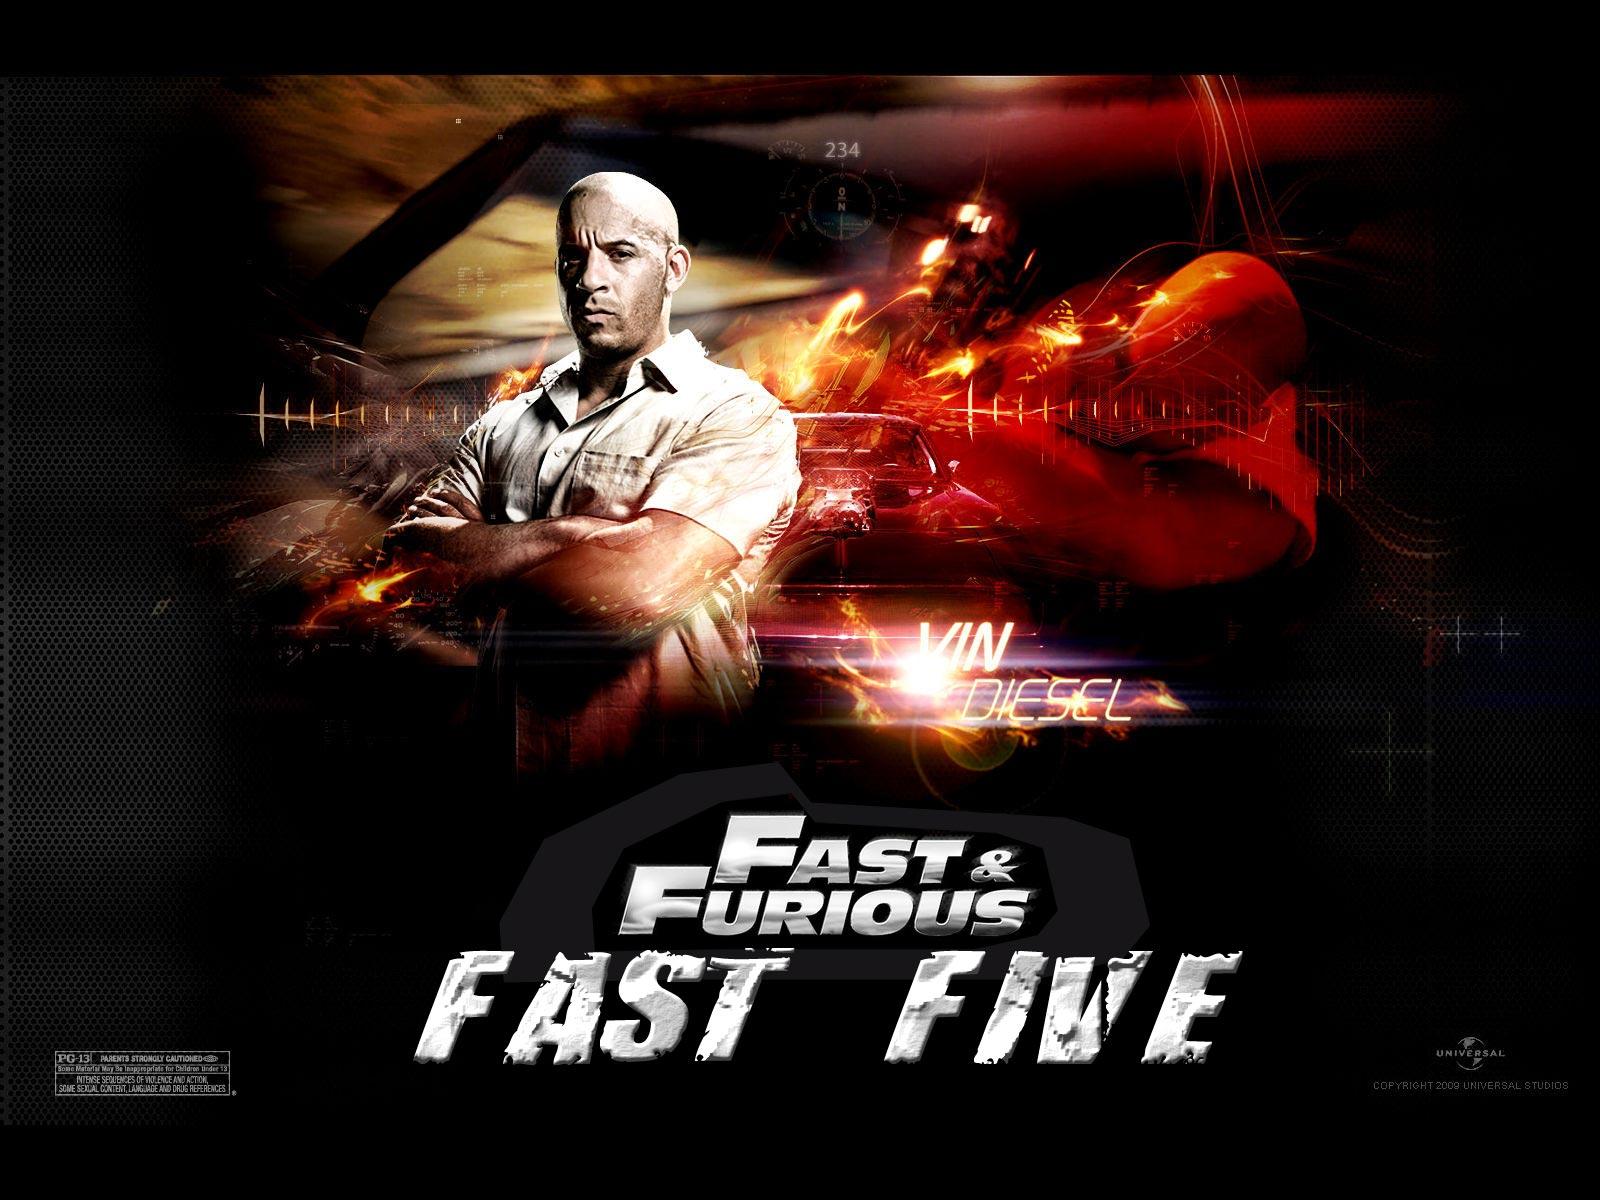 http://3.bp.blogspot.com/-jxFmF9O-e00/TZ0zHnwJCeI/AAAAAAAAAZA/S6eRlLFG8-8/s1600/fast_and_furious_5_fast_five_wallpaper.jpg